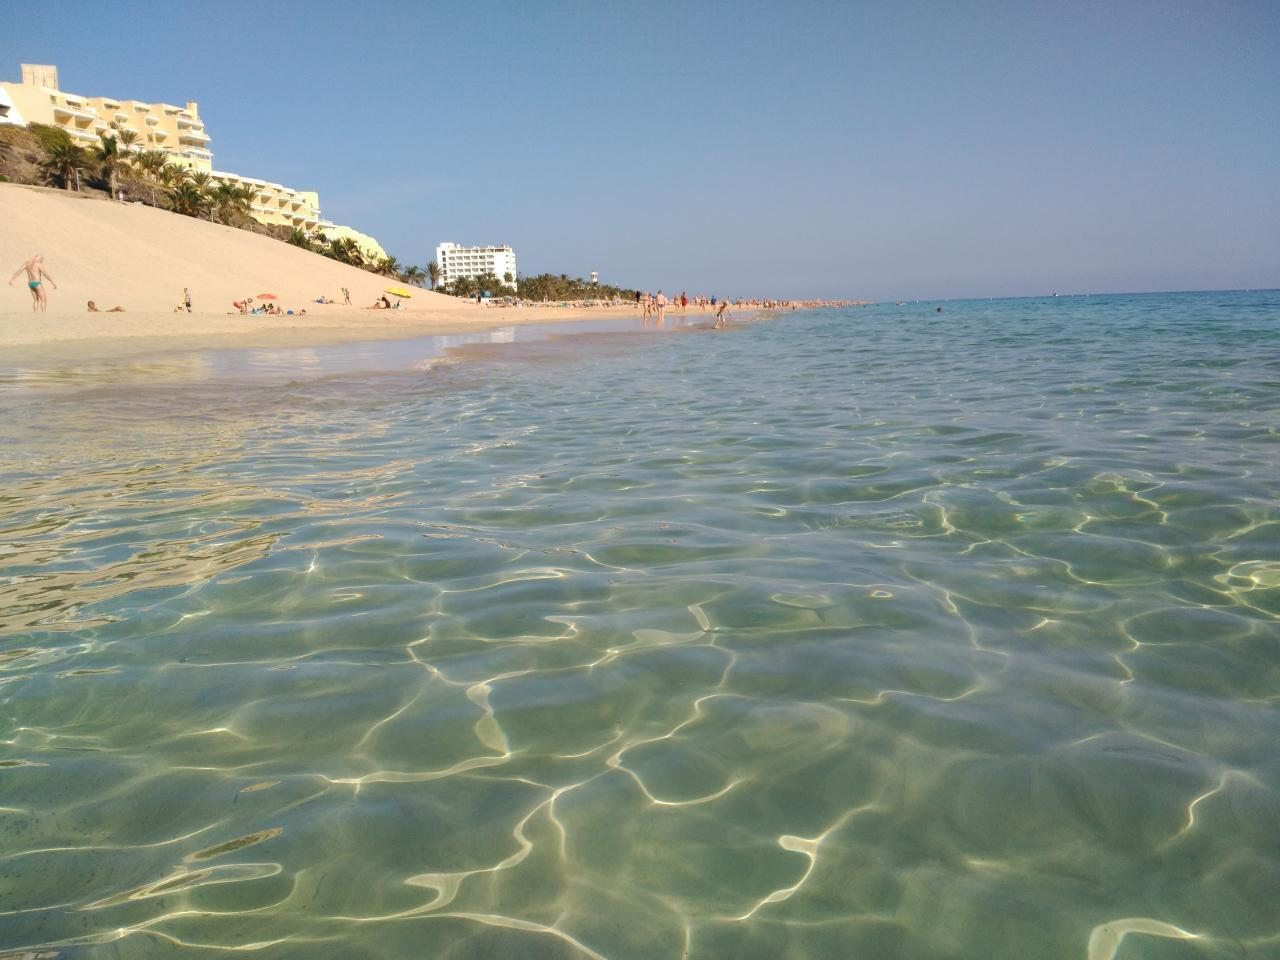 Ferienwohnung Bungalow mit Charme  nahe dem Strand und dem Meer, mit großem Terrasse 25 m. WIFI (497106), Costa Calma, Fuerteventura, Kanarische Inseln, Spanien, Bild 22